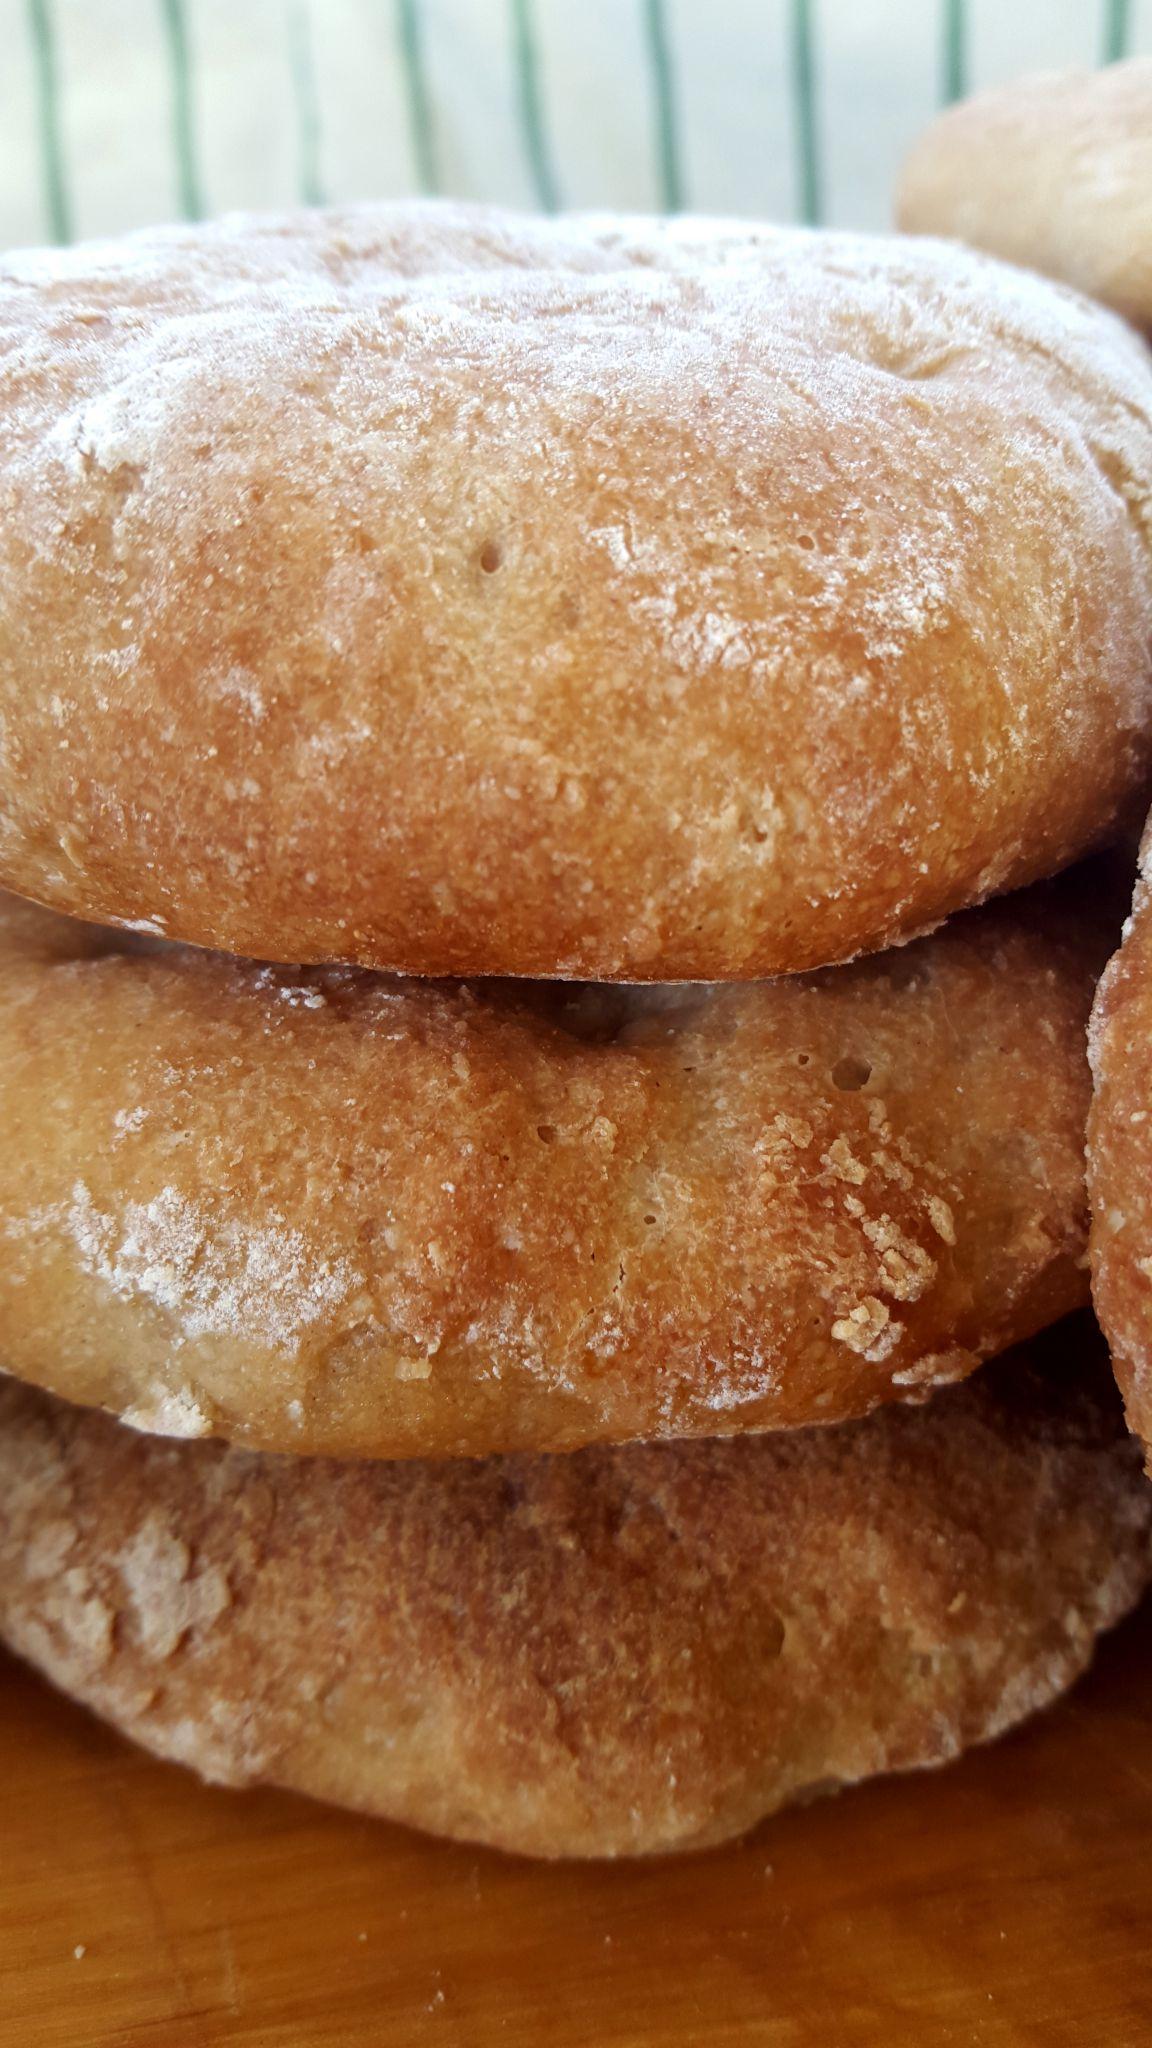 Disse glutenfrie polarbrødene er litt søte, litt myke, litt sprø og veldig gode! De hjemmebakte polarbrødene kan også brukes som feks. hamburgerbrød.